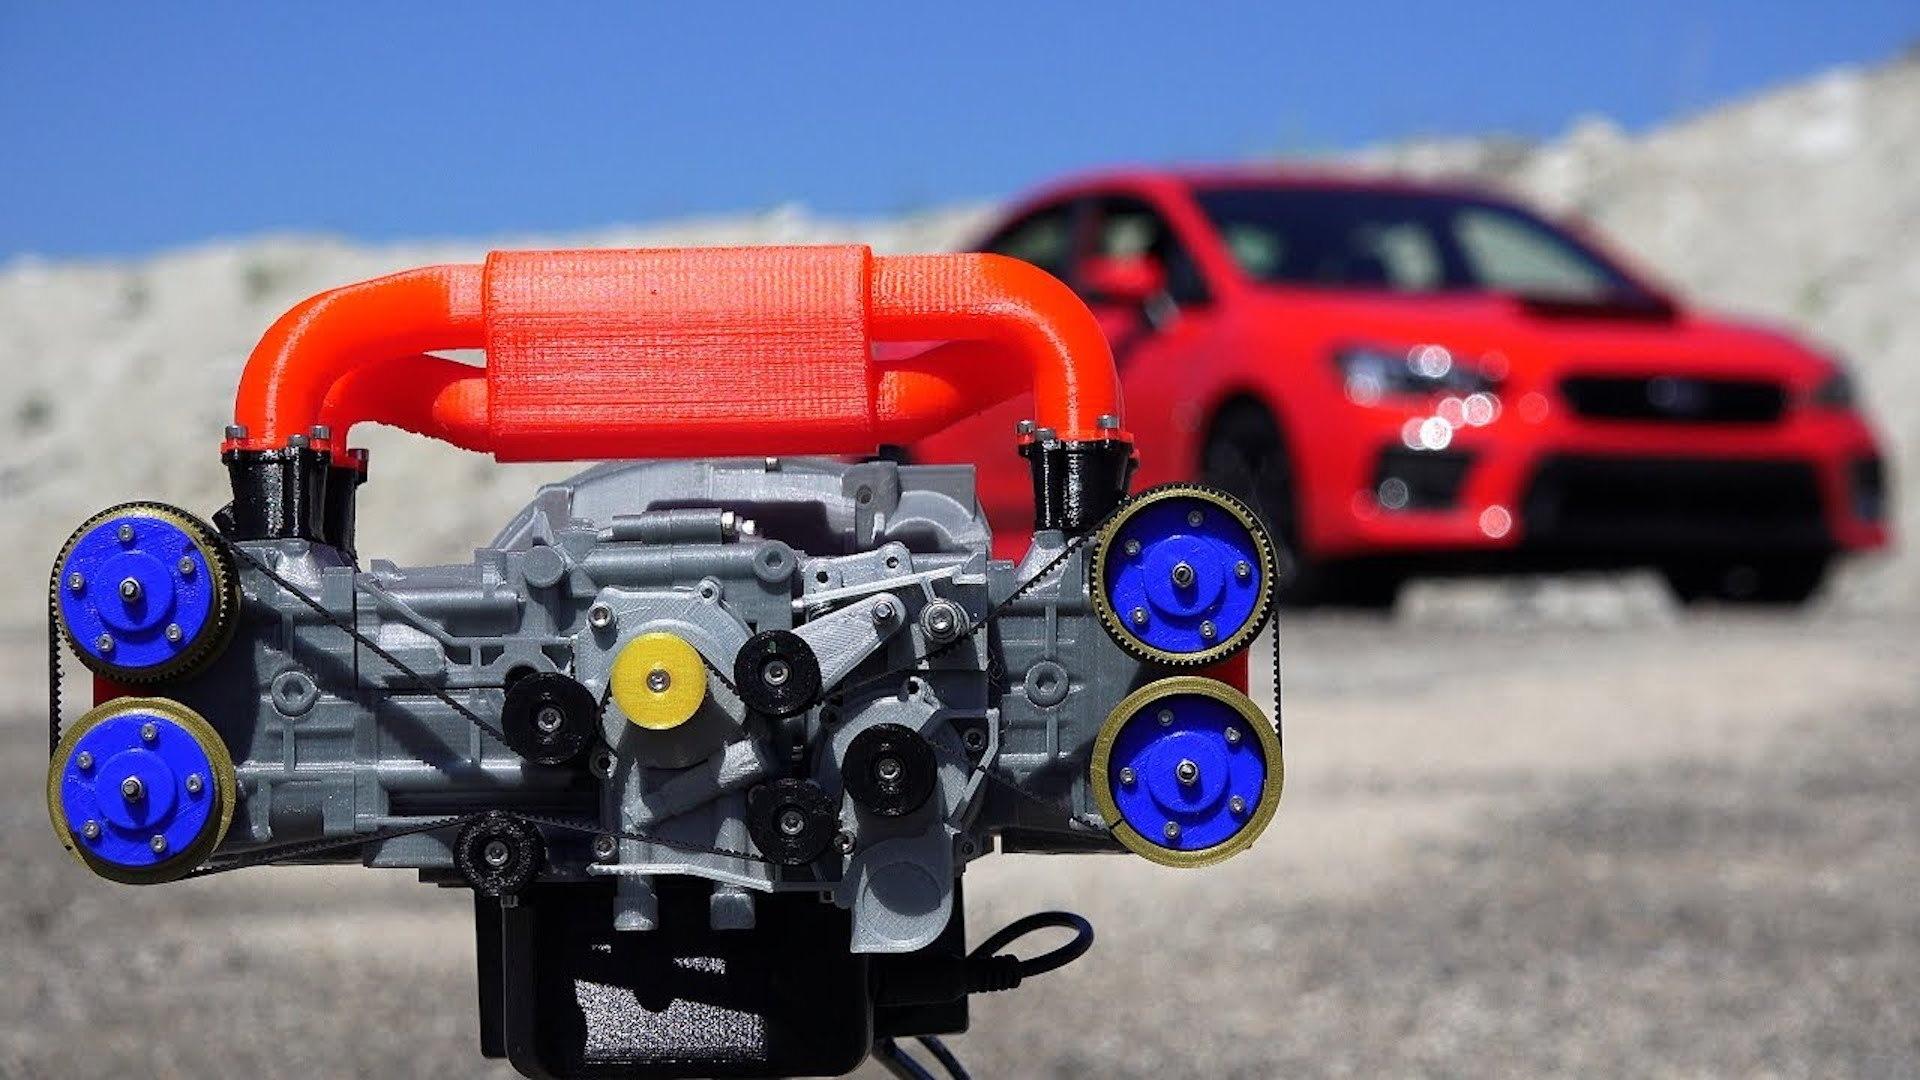 Subaru Engines Boxer 4wd Diagram - Wiring Diagram road-corsa-c -  road-corsa-c.pasticceriagele.itbenvenuto in pasticceria gele